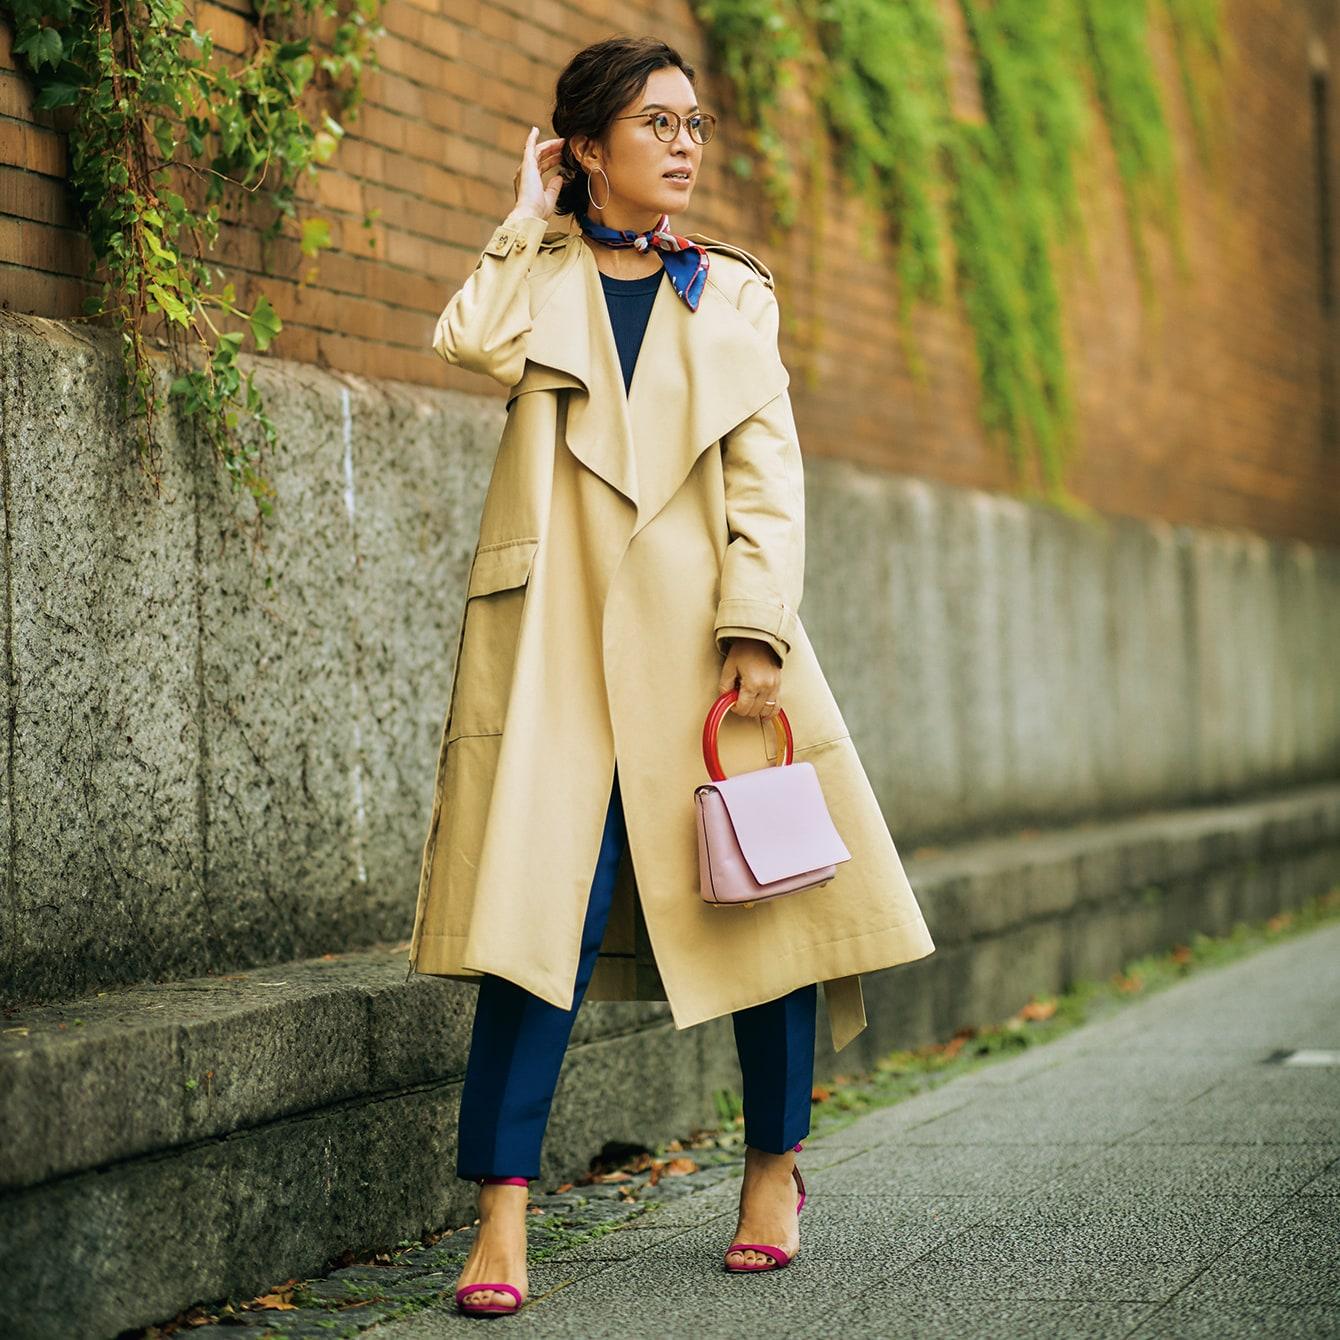 【スタイリスト大草直子】トレンチコートを新鮮に着こなす4つのテクニック